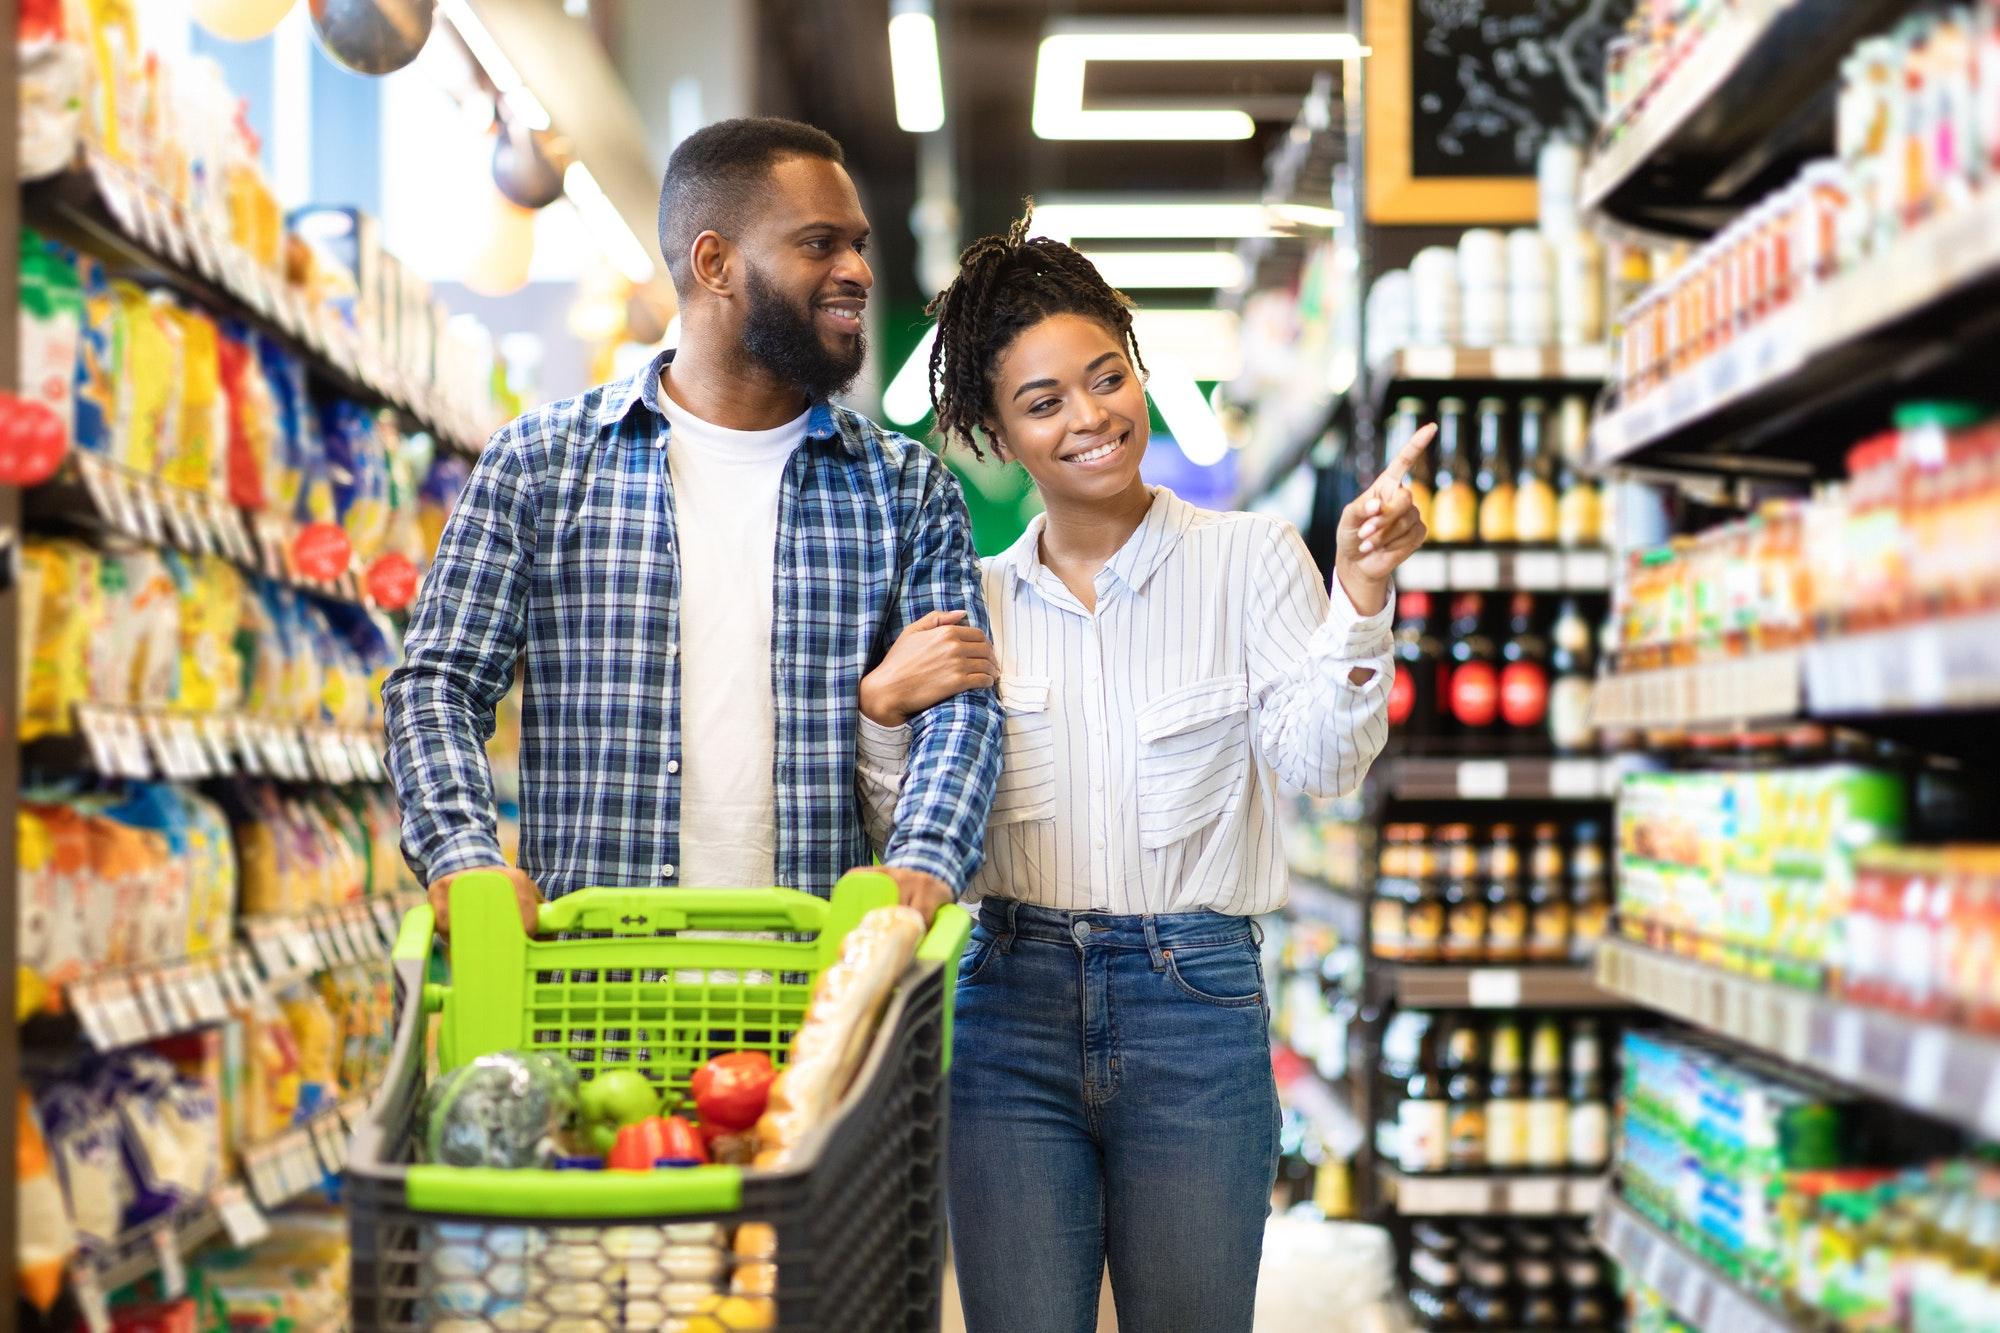 Cheerful Black Spouses Choosing Food In Grocery Store